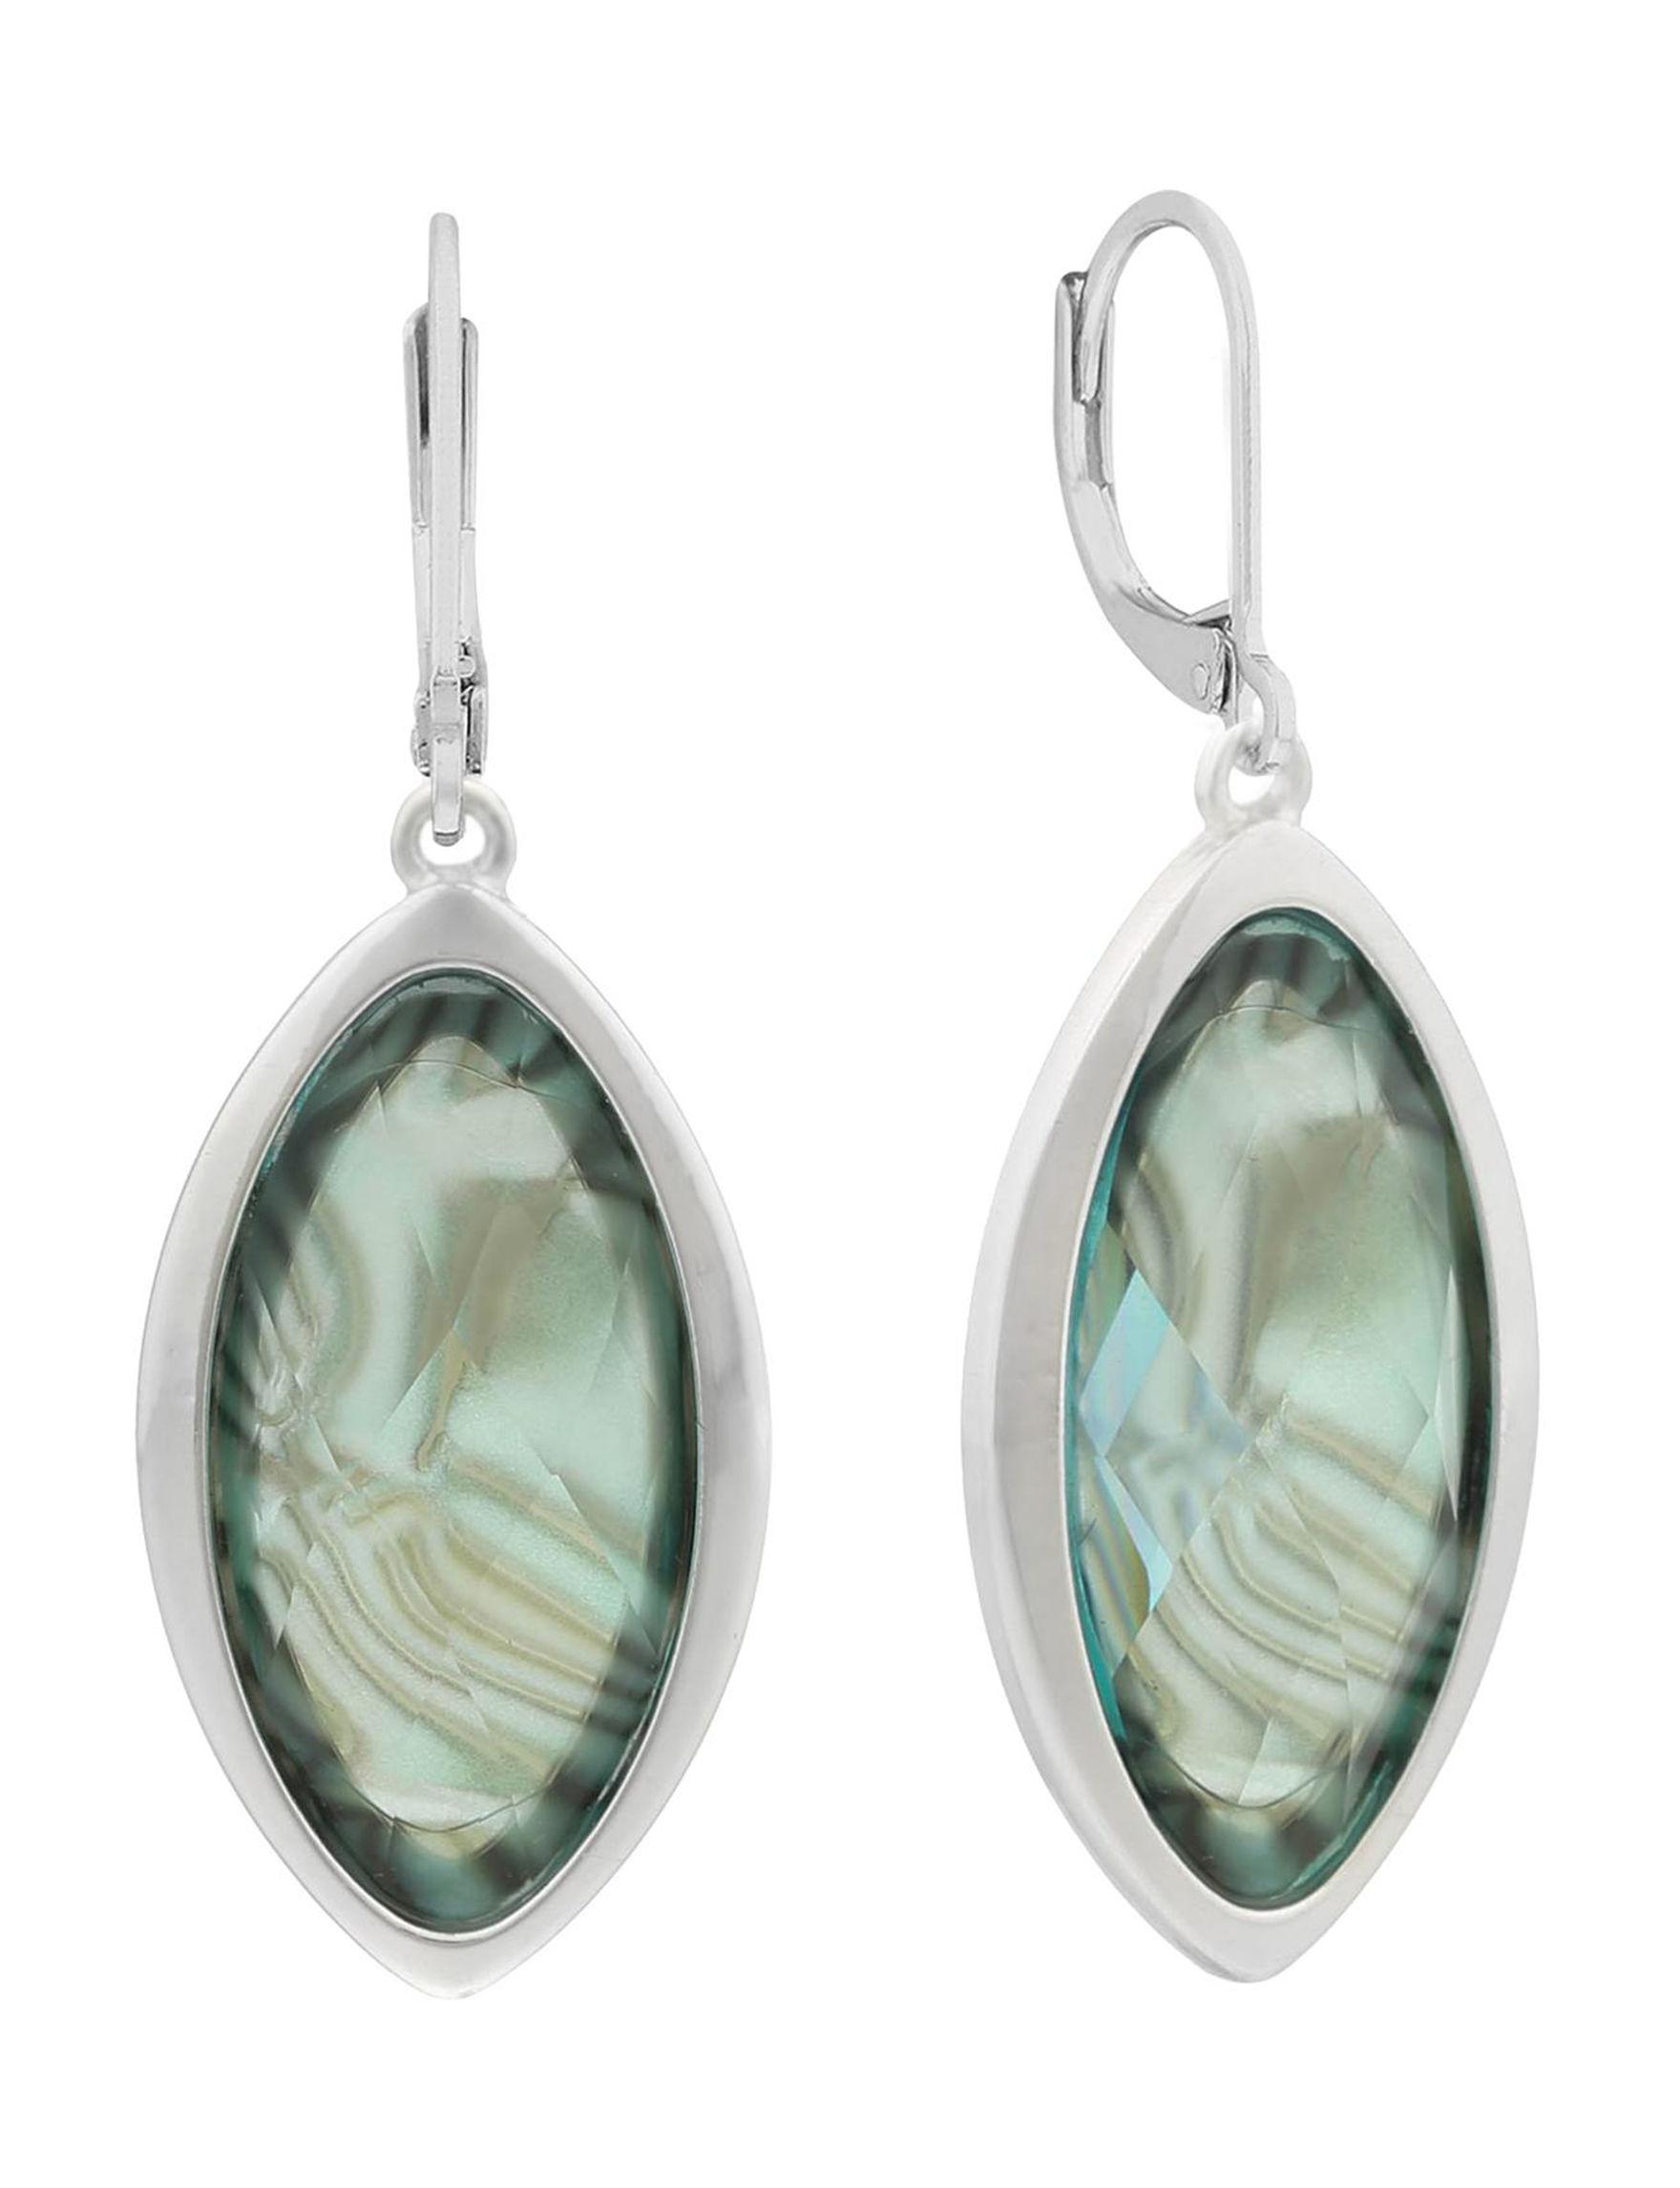 Gloria Vanderbilt Green / Silver Drops Earrings Fashion Jewelry